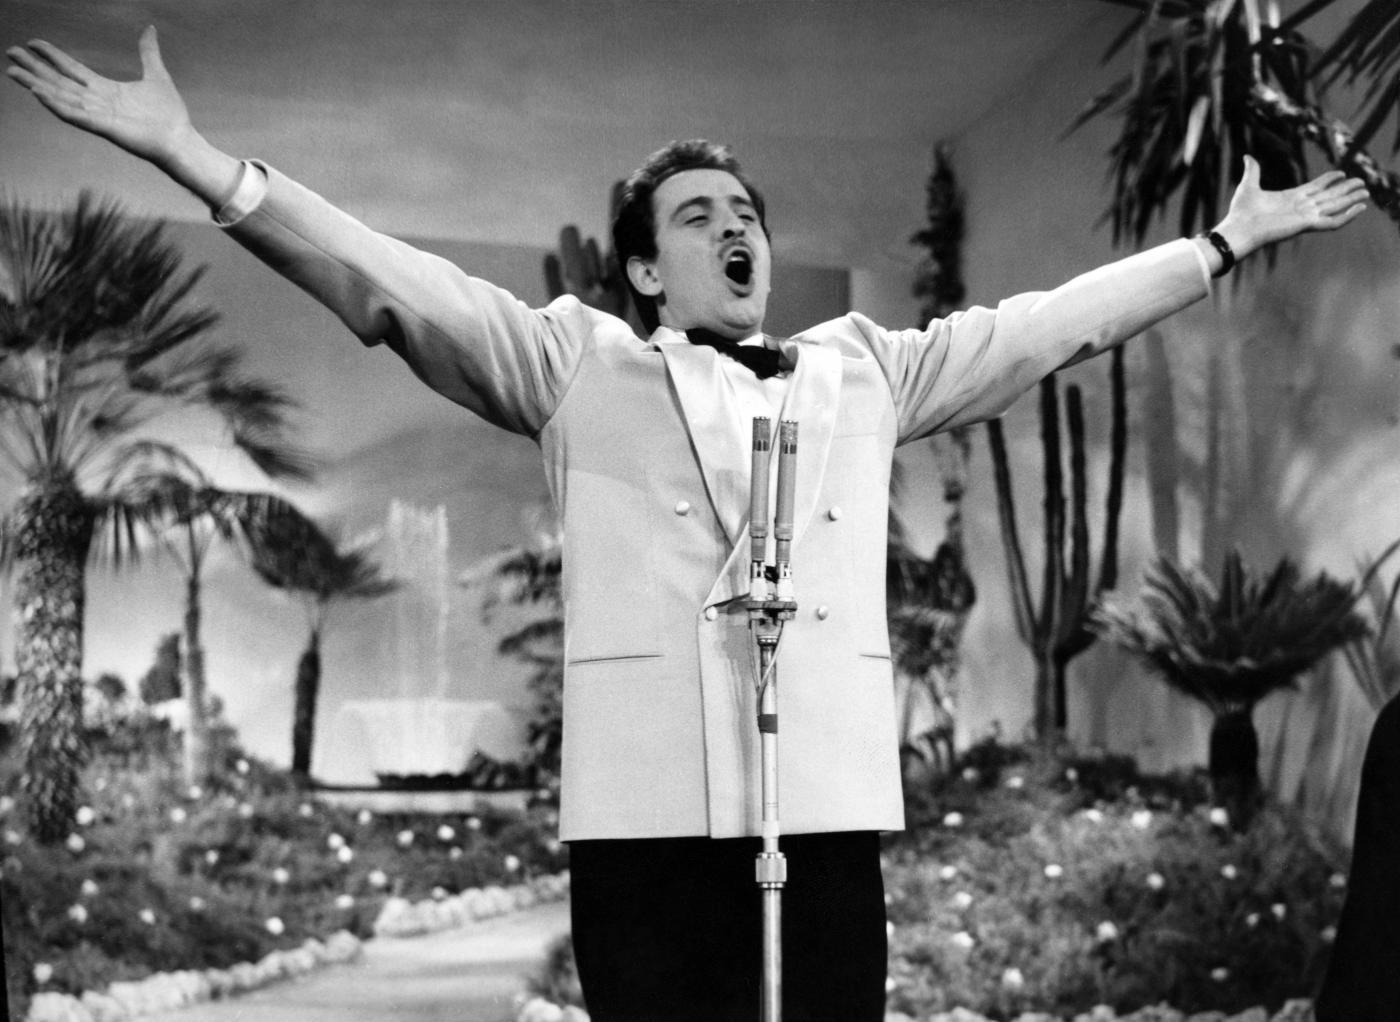 'Volare', la vera storia dietro la nascita della canzone di Franco Migliacci e Domenico Modugno